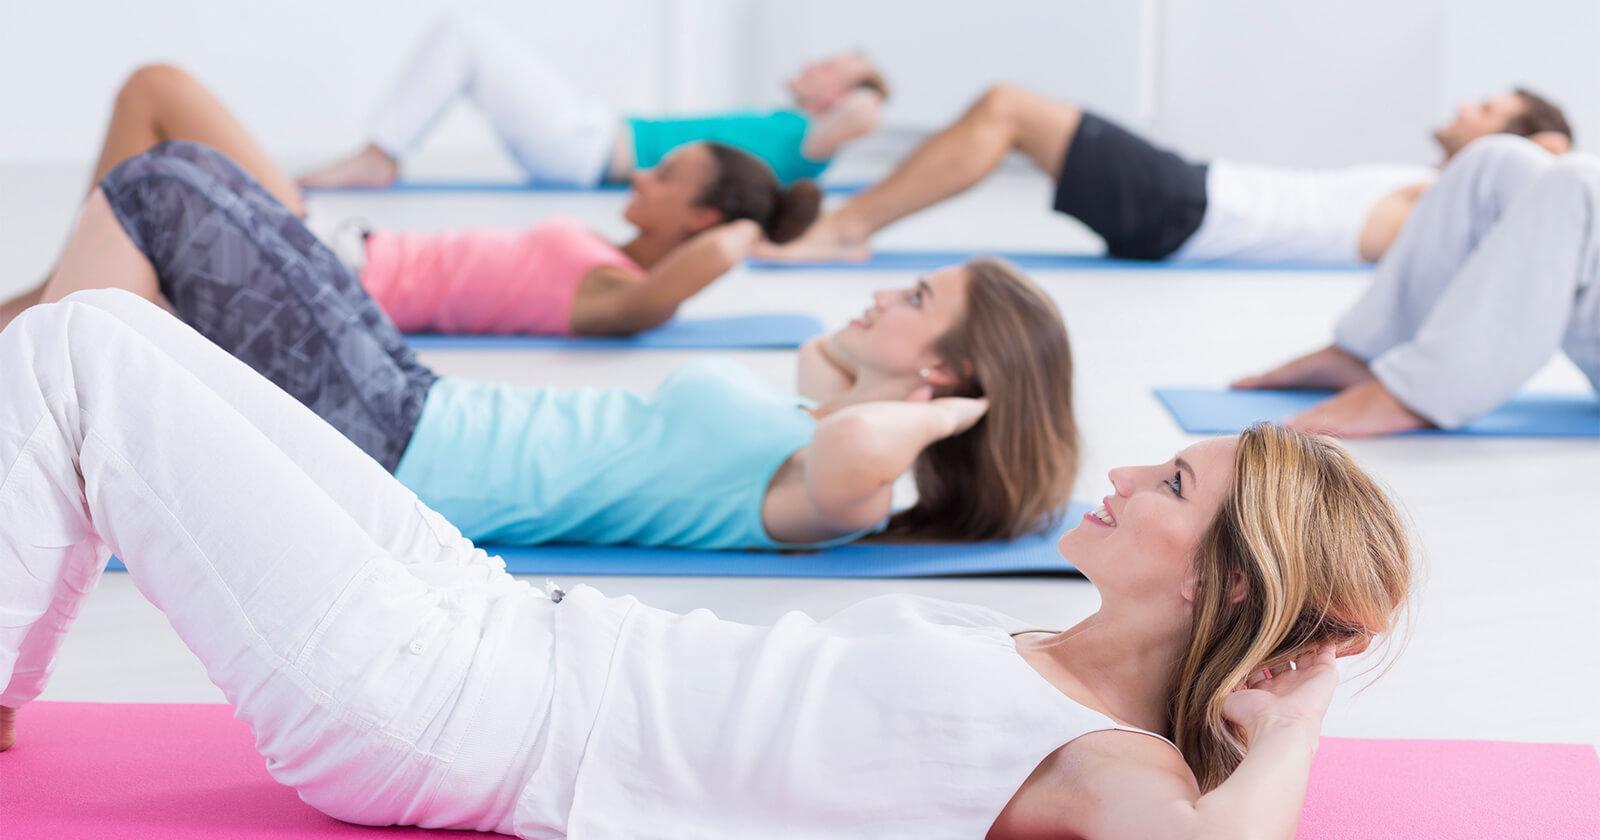 Es gibt viele Übungen für Frauen und Männer zur Prävention von Rückenschmerzen